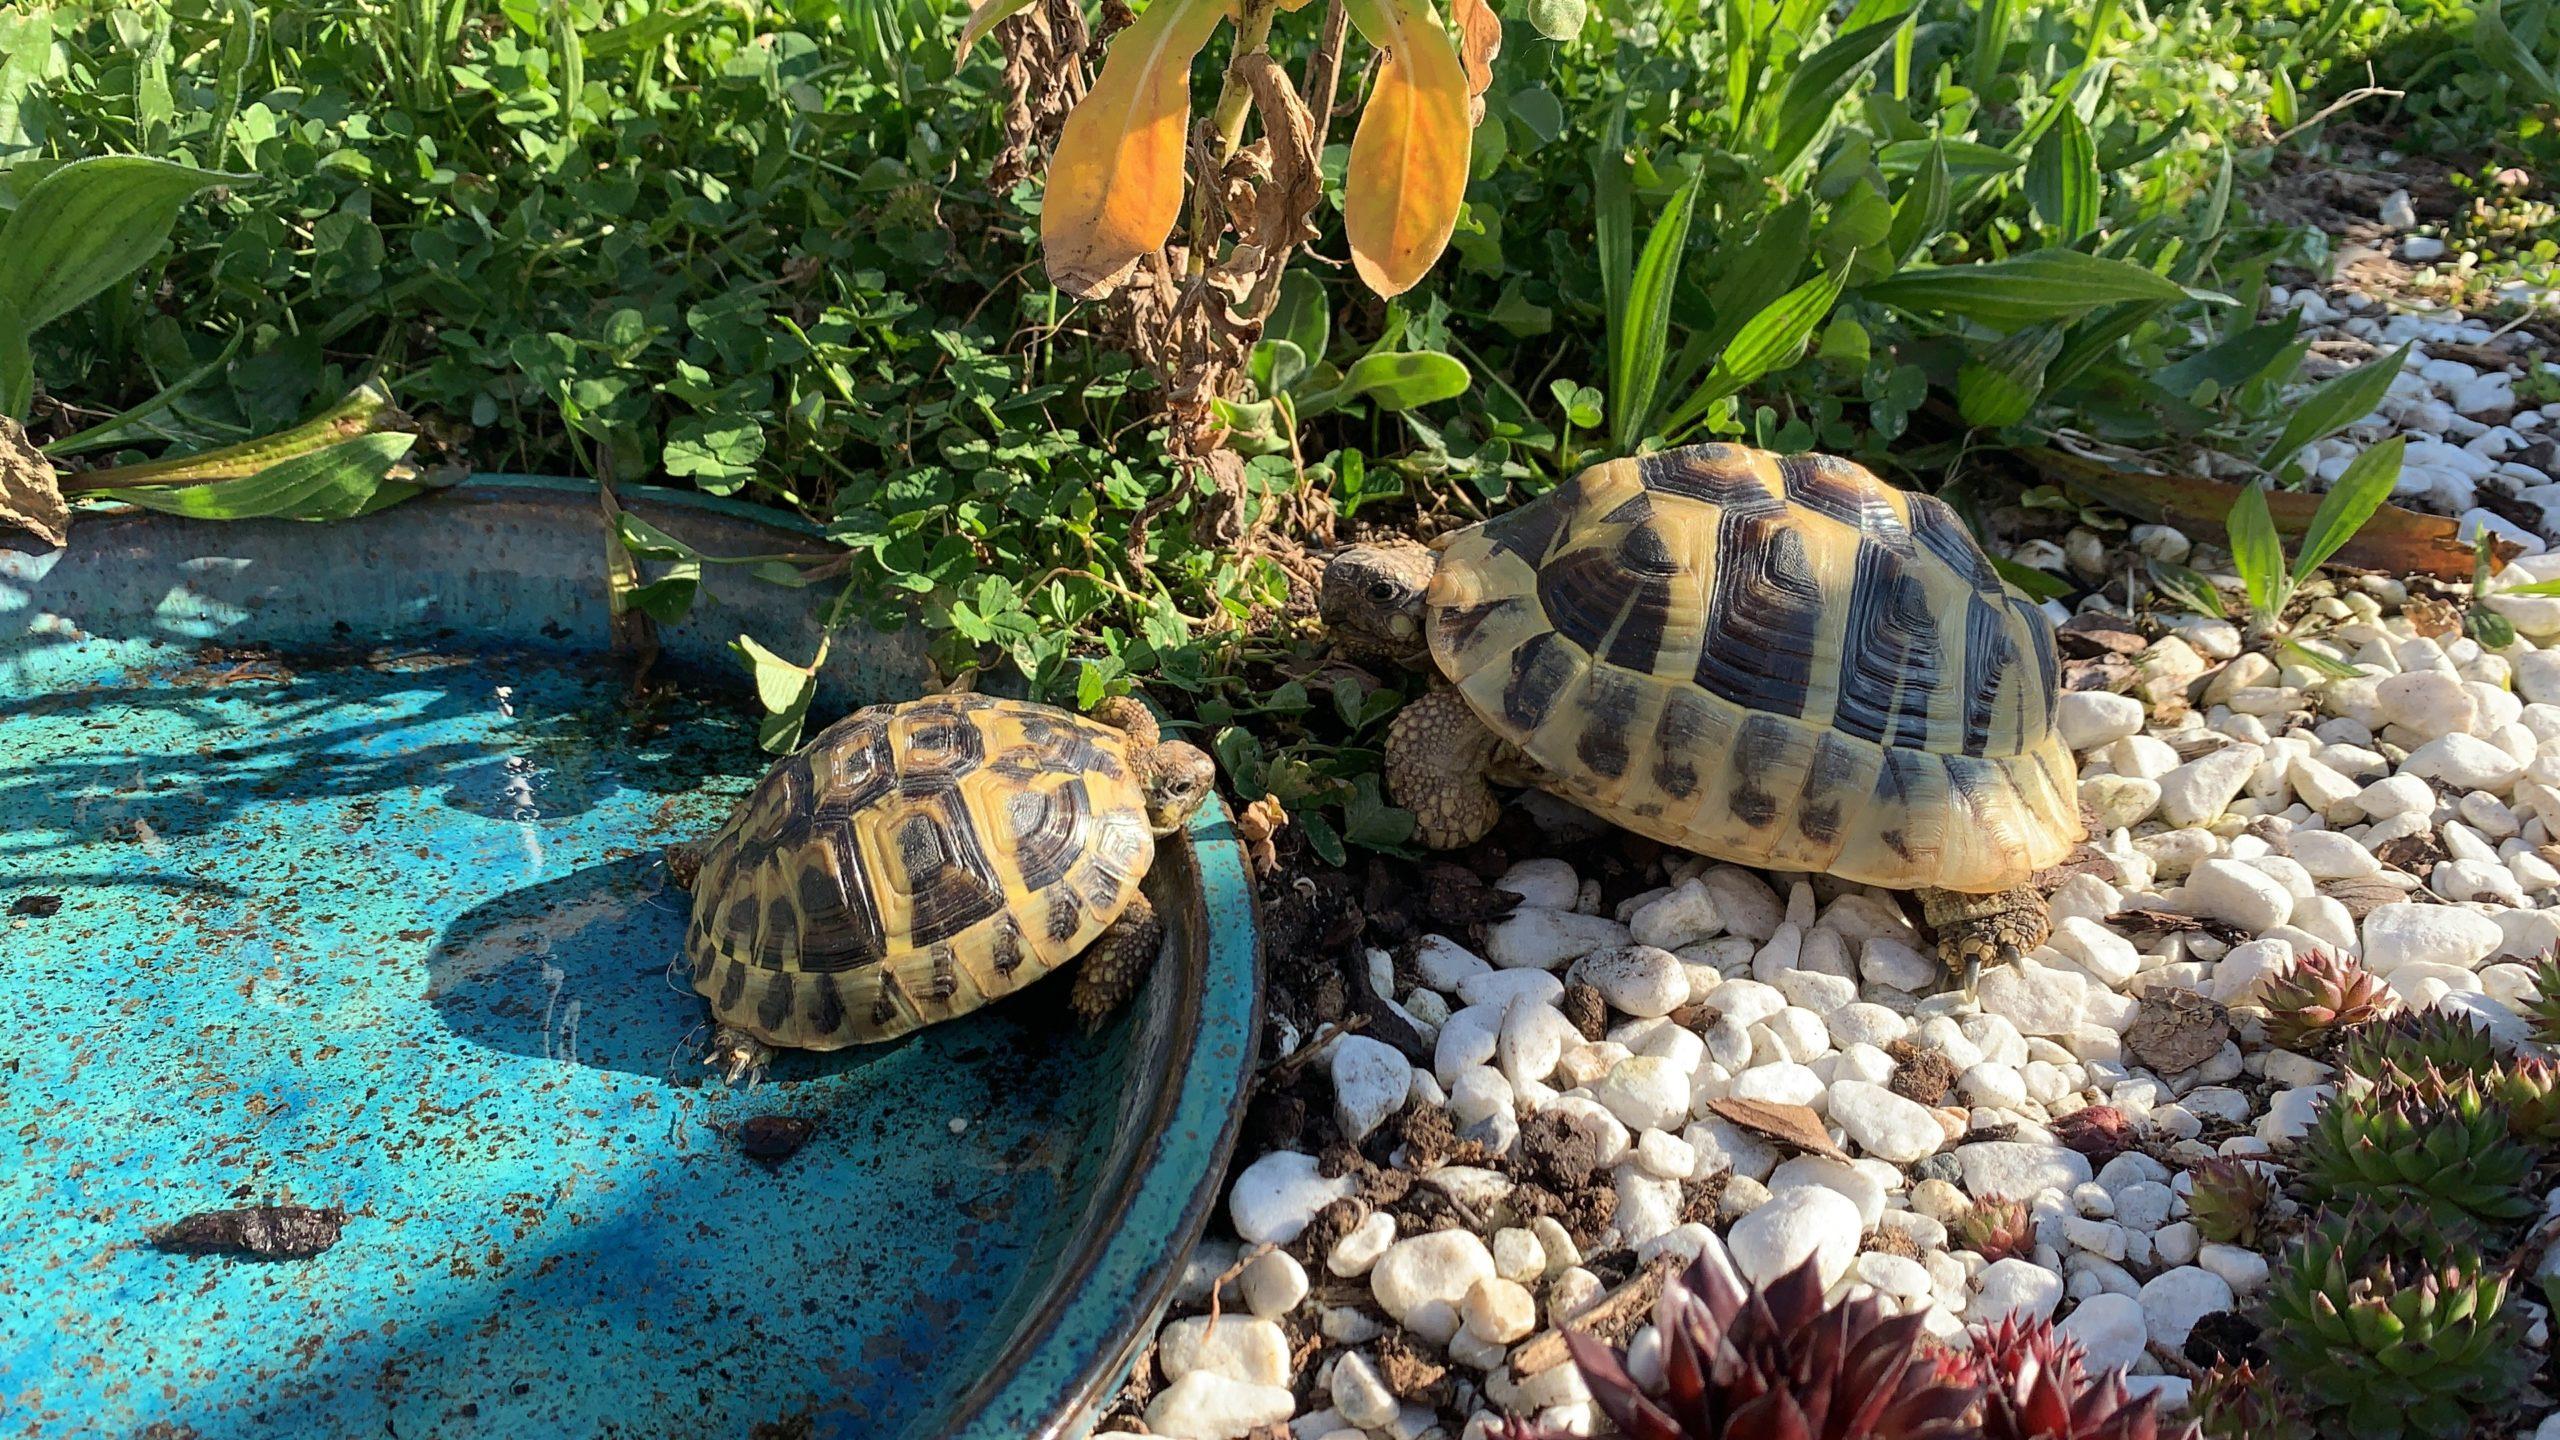 Sonnenbad (Griechische Landschildkröte)